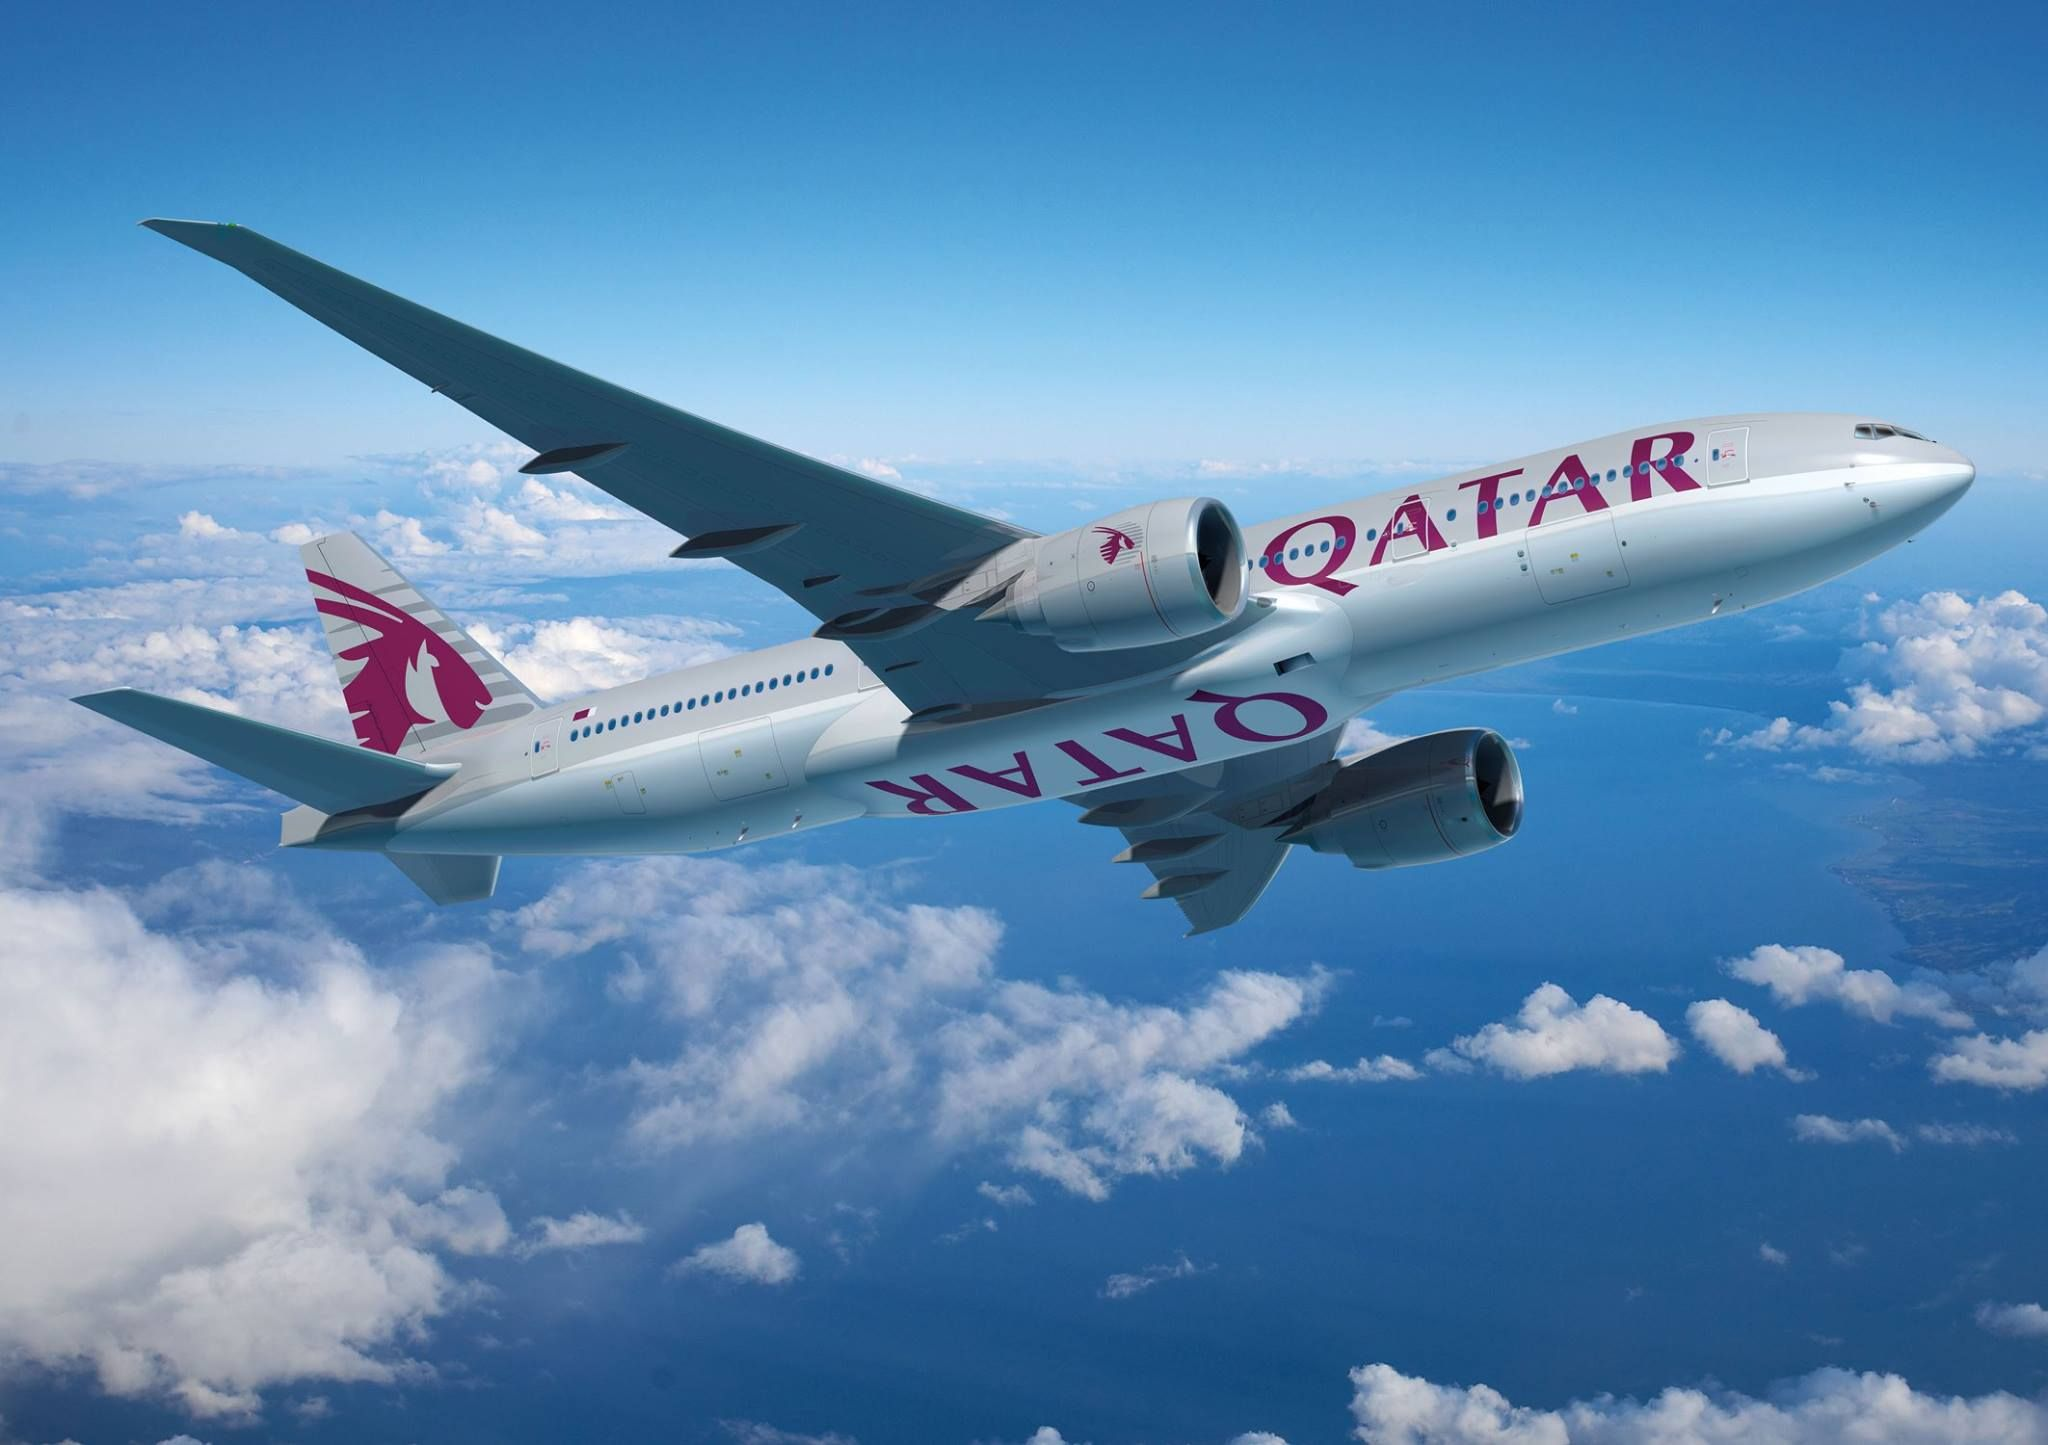 The First Qatar Airways From Birmingham Airport To Doha Qatar Airways Birmingham Airport Emirates Airline